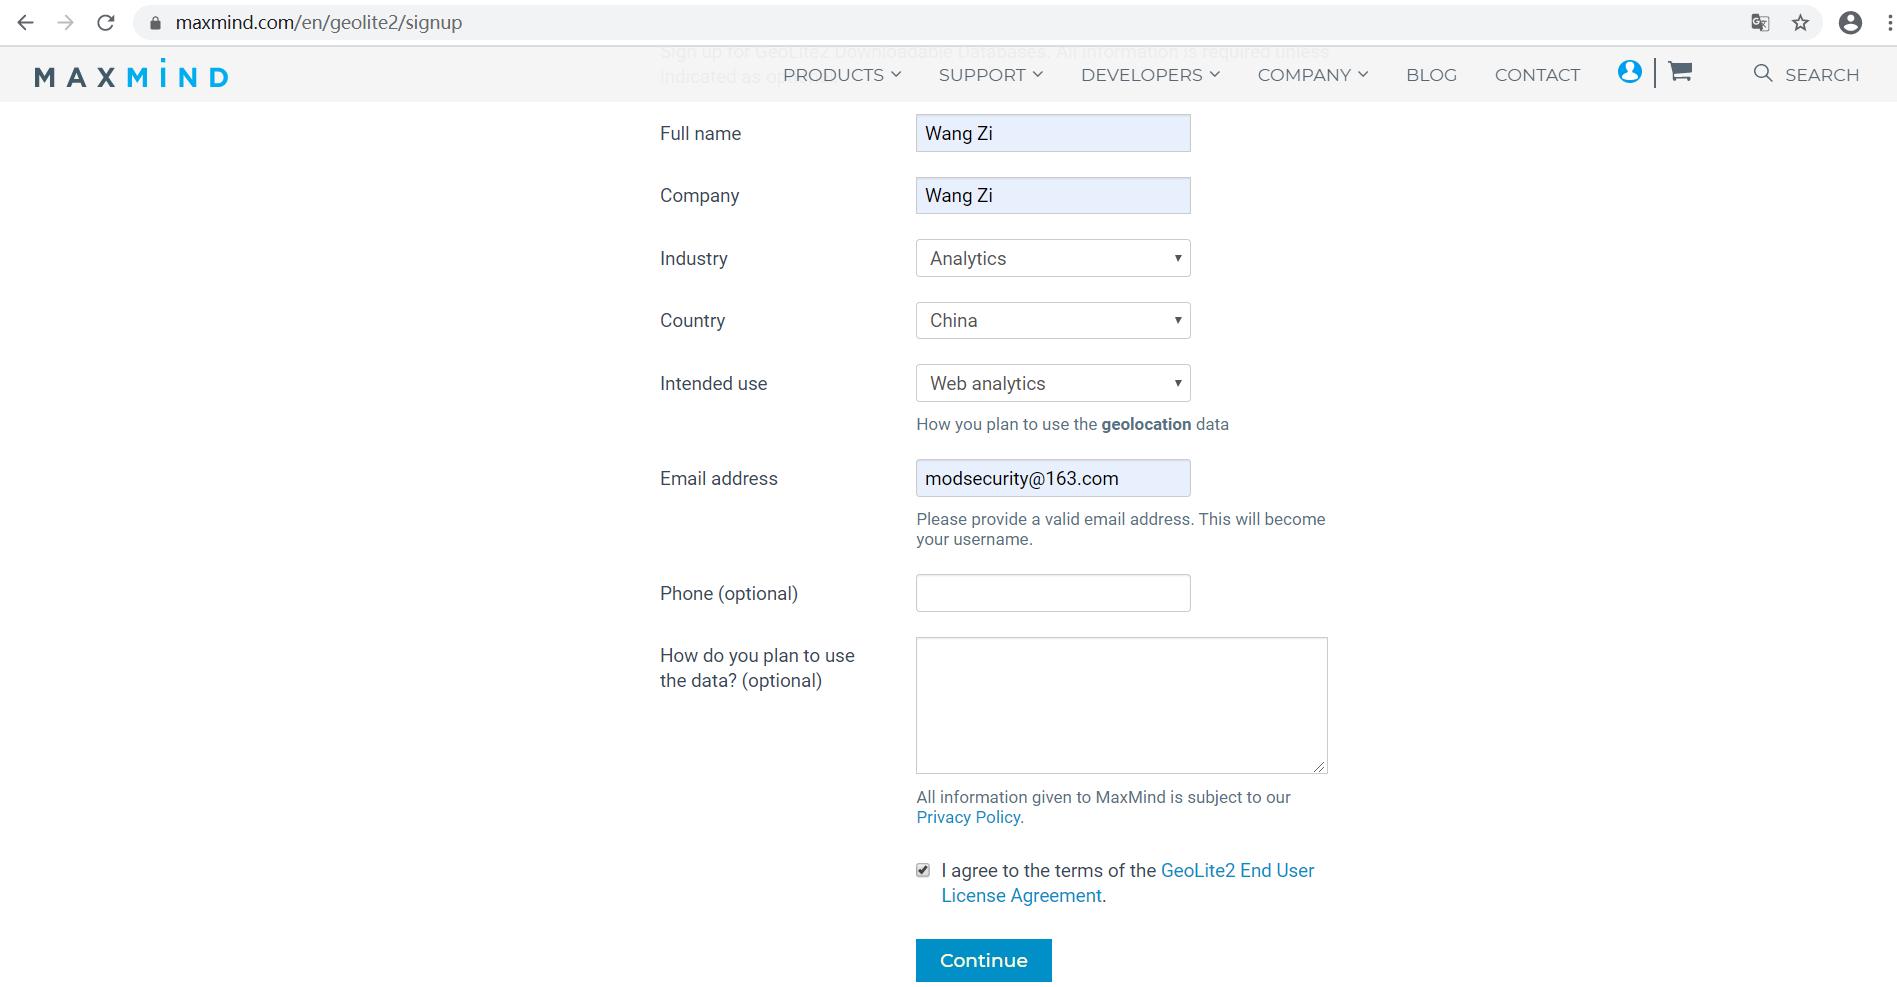 如何注册MAXMIND账户并下载免费的GeoIP数据库